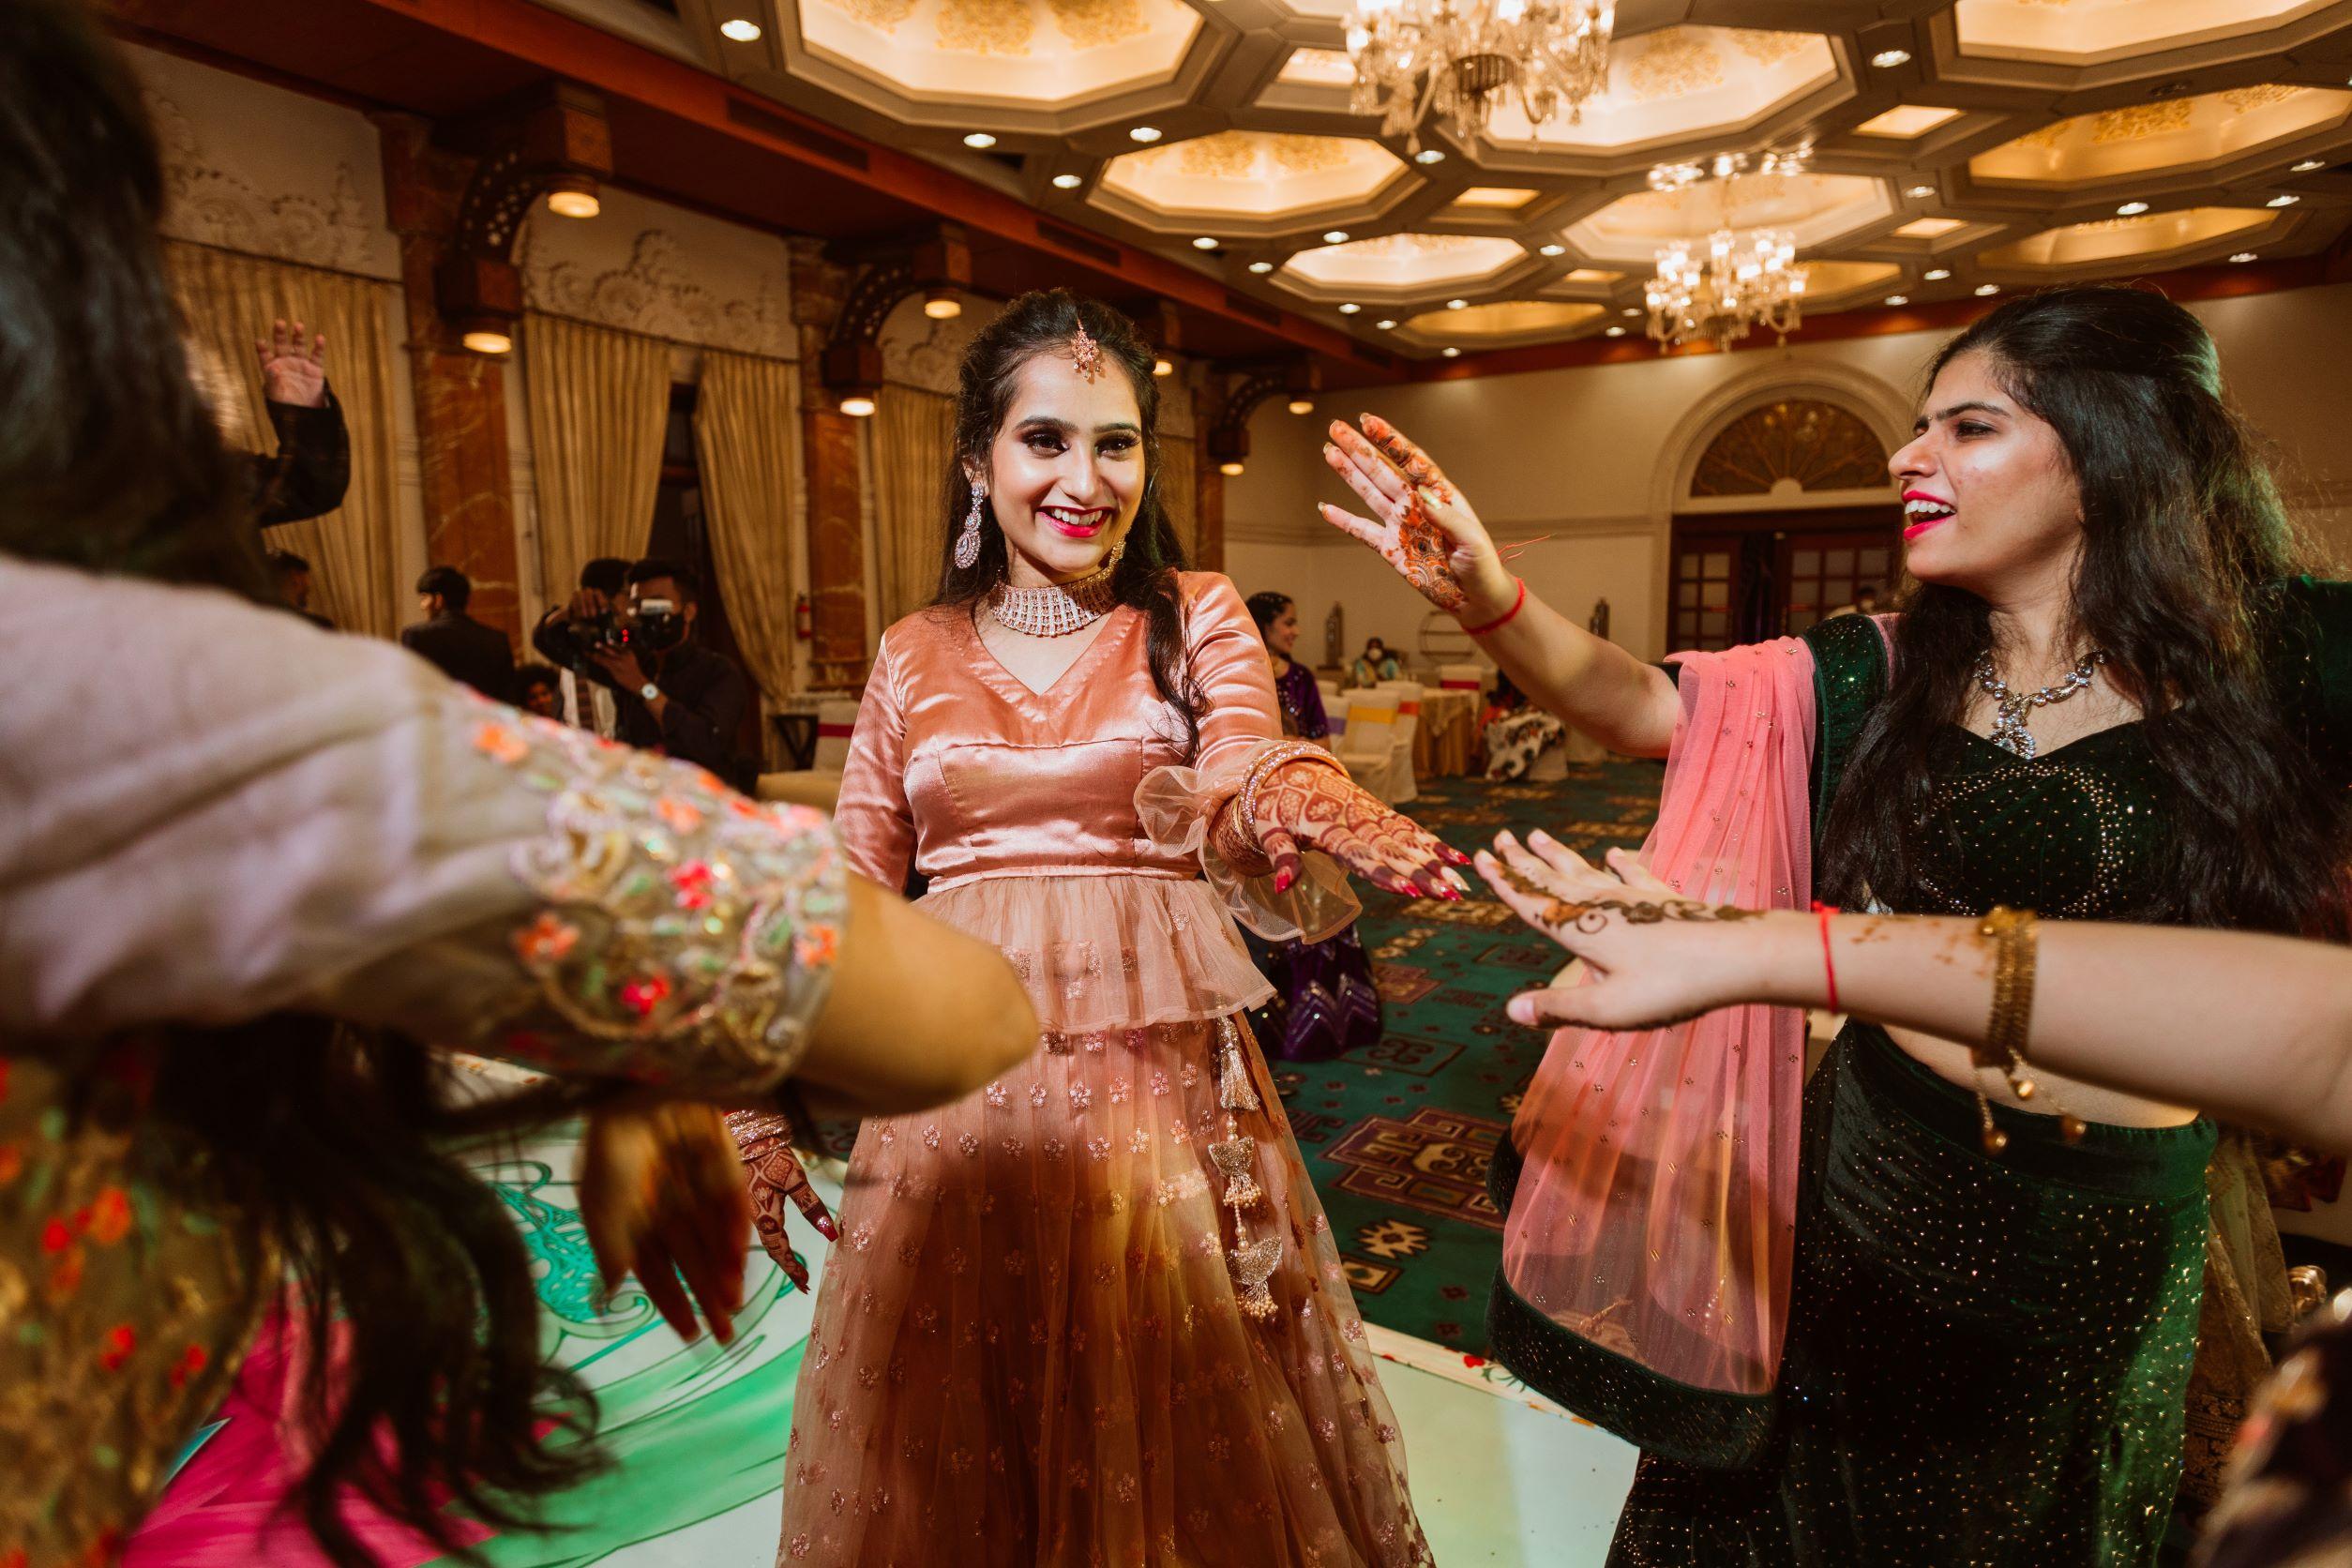 happy bride dances with her bridesmaids